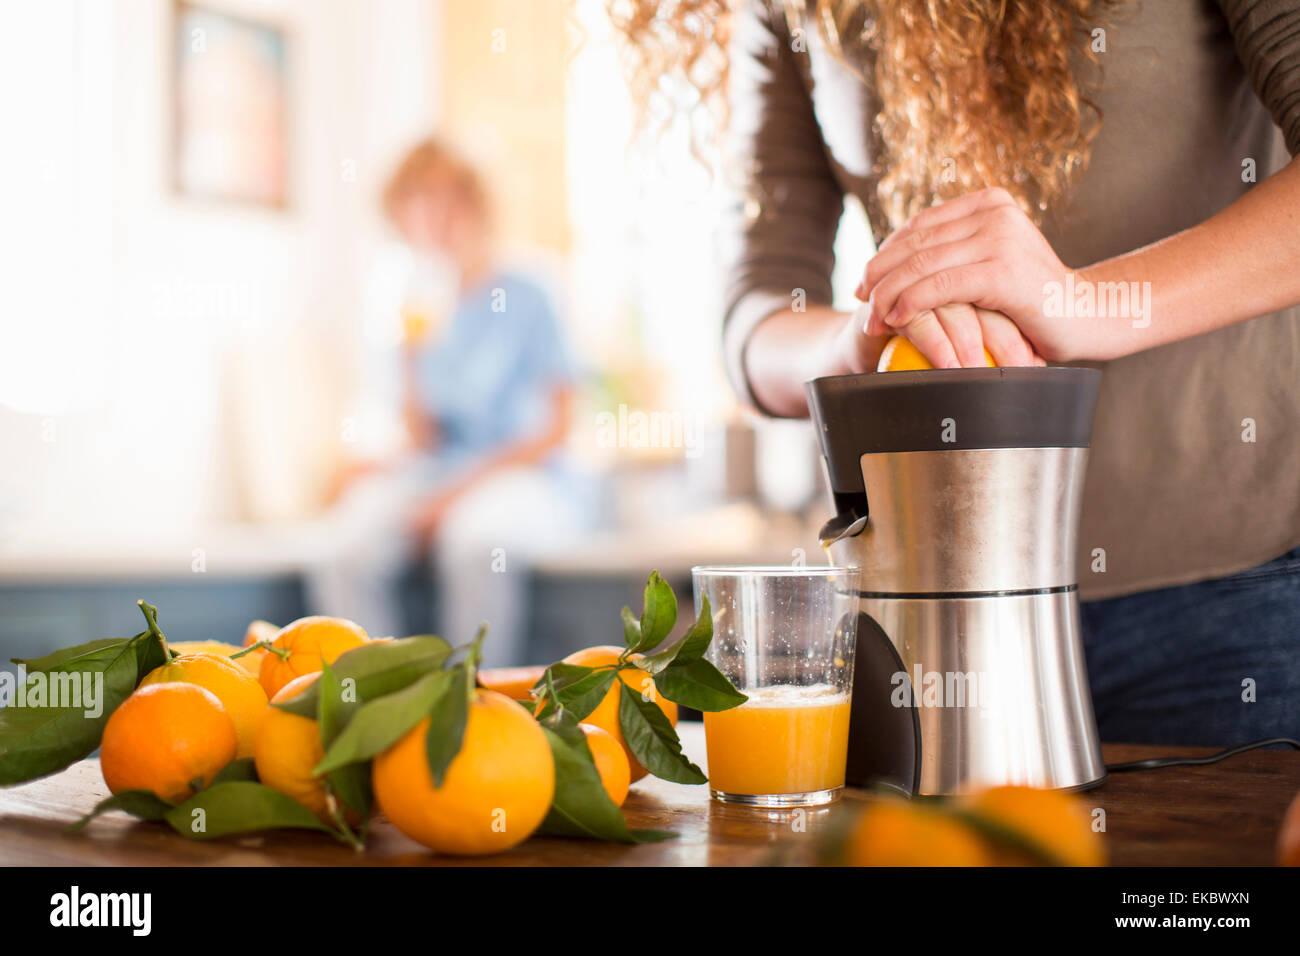 Teenage girl juicing orange in kitchen - Stock Image